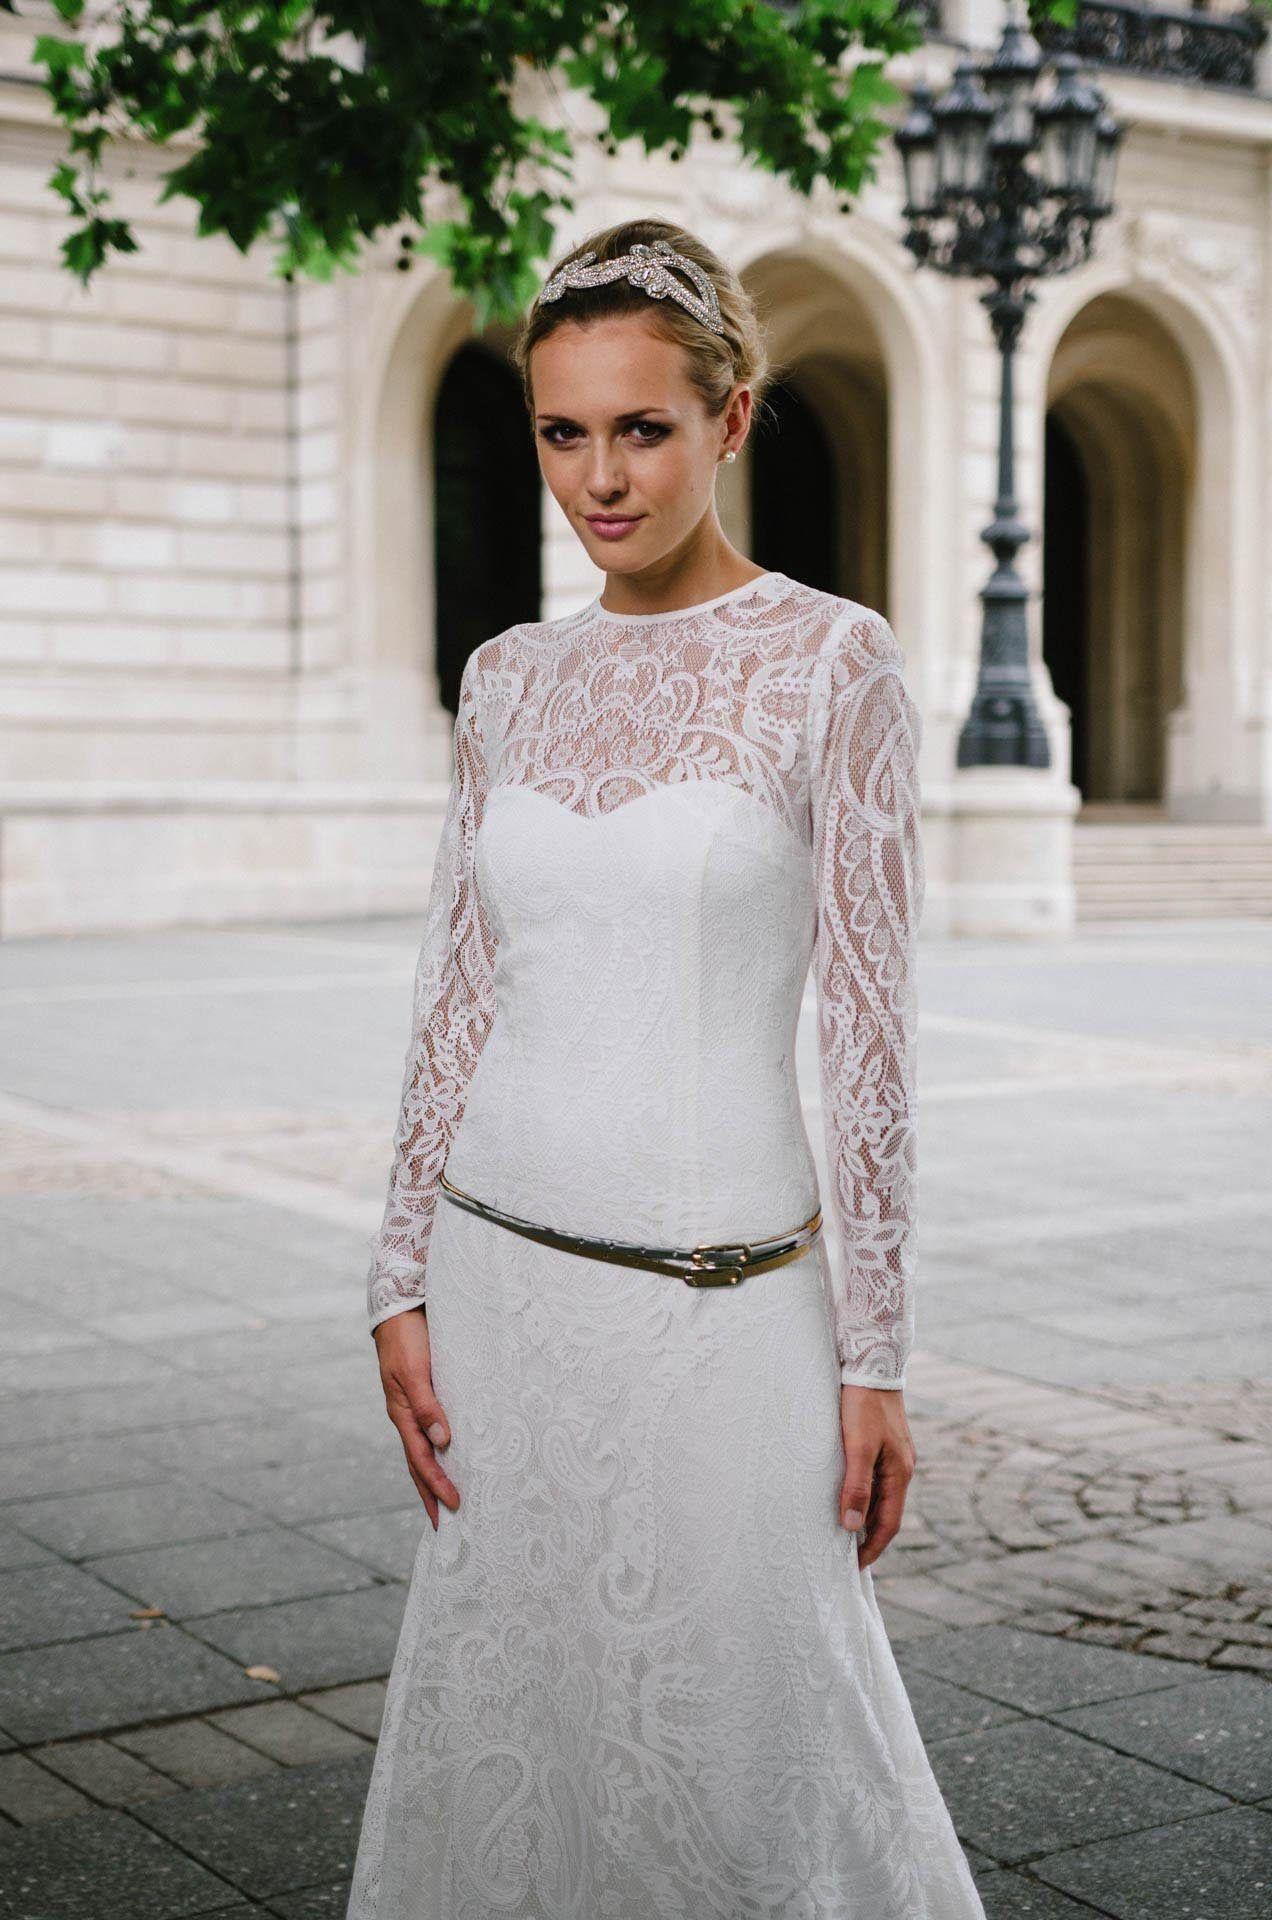 Ungewöhnlich Erin Brautkleid Ideen - Brautkleider Ideen ...